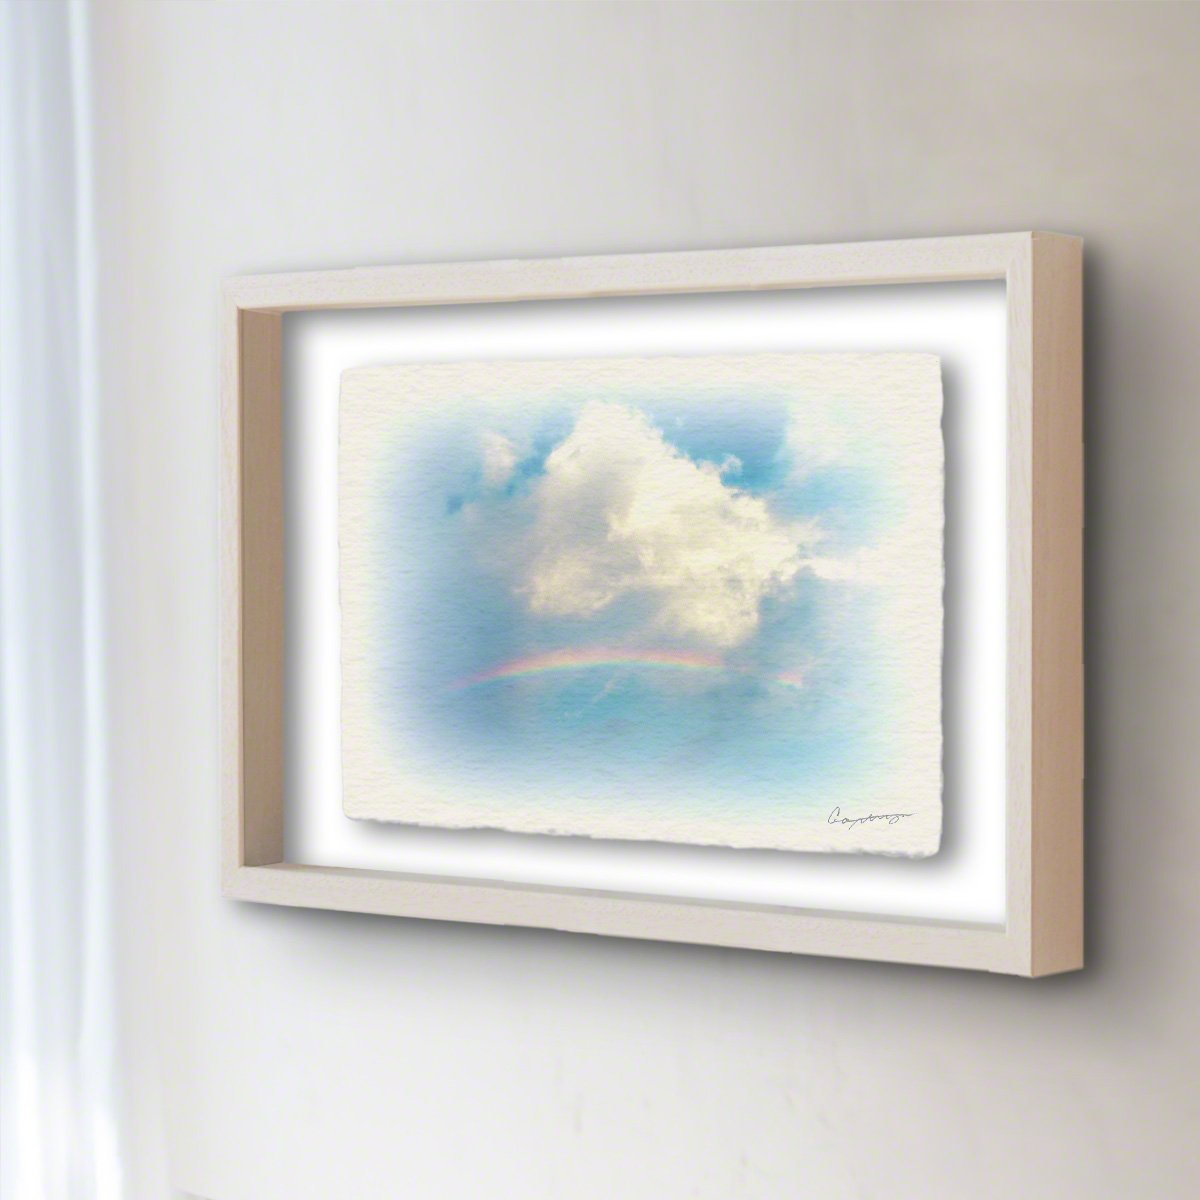 和紙 アートフレーム 「虹と入道雲」 (64x52cm) 絵 絵画 壁掛け 壁飾り 額縁 インテリア アート B072YXZT4M 25.アートフレーム(長辺64cm) 120000円|虹と入道雲 虹と入道雲 25.アートフレーム(長辺64cm) 120000円